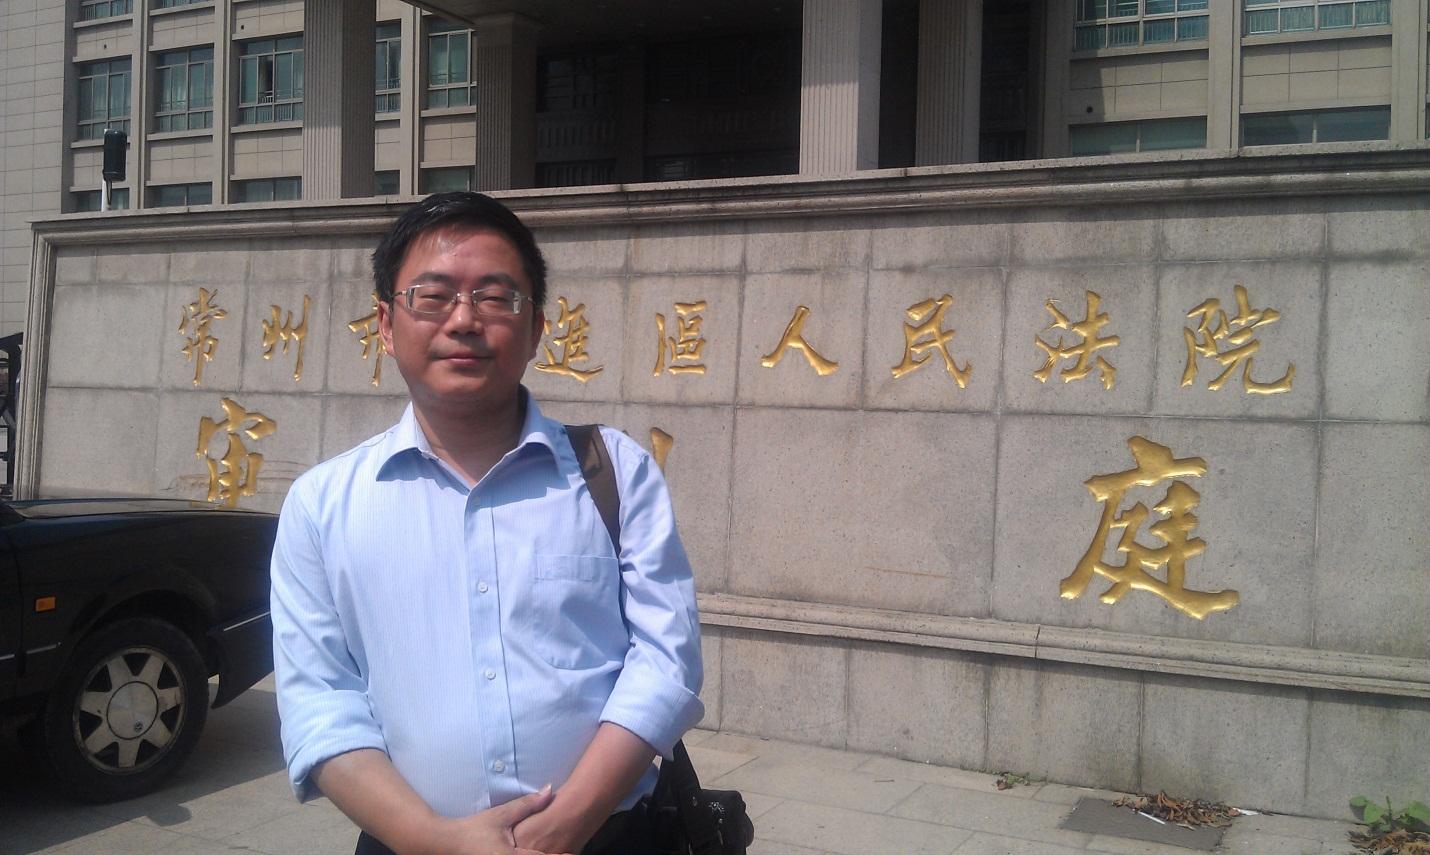 Zheng Jianwei outside Changzhou Wujin District Court, Jiangsu Province. Changzhou, May 2012.  Photo credit: Zheng Jianwei.